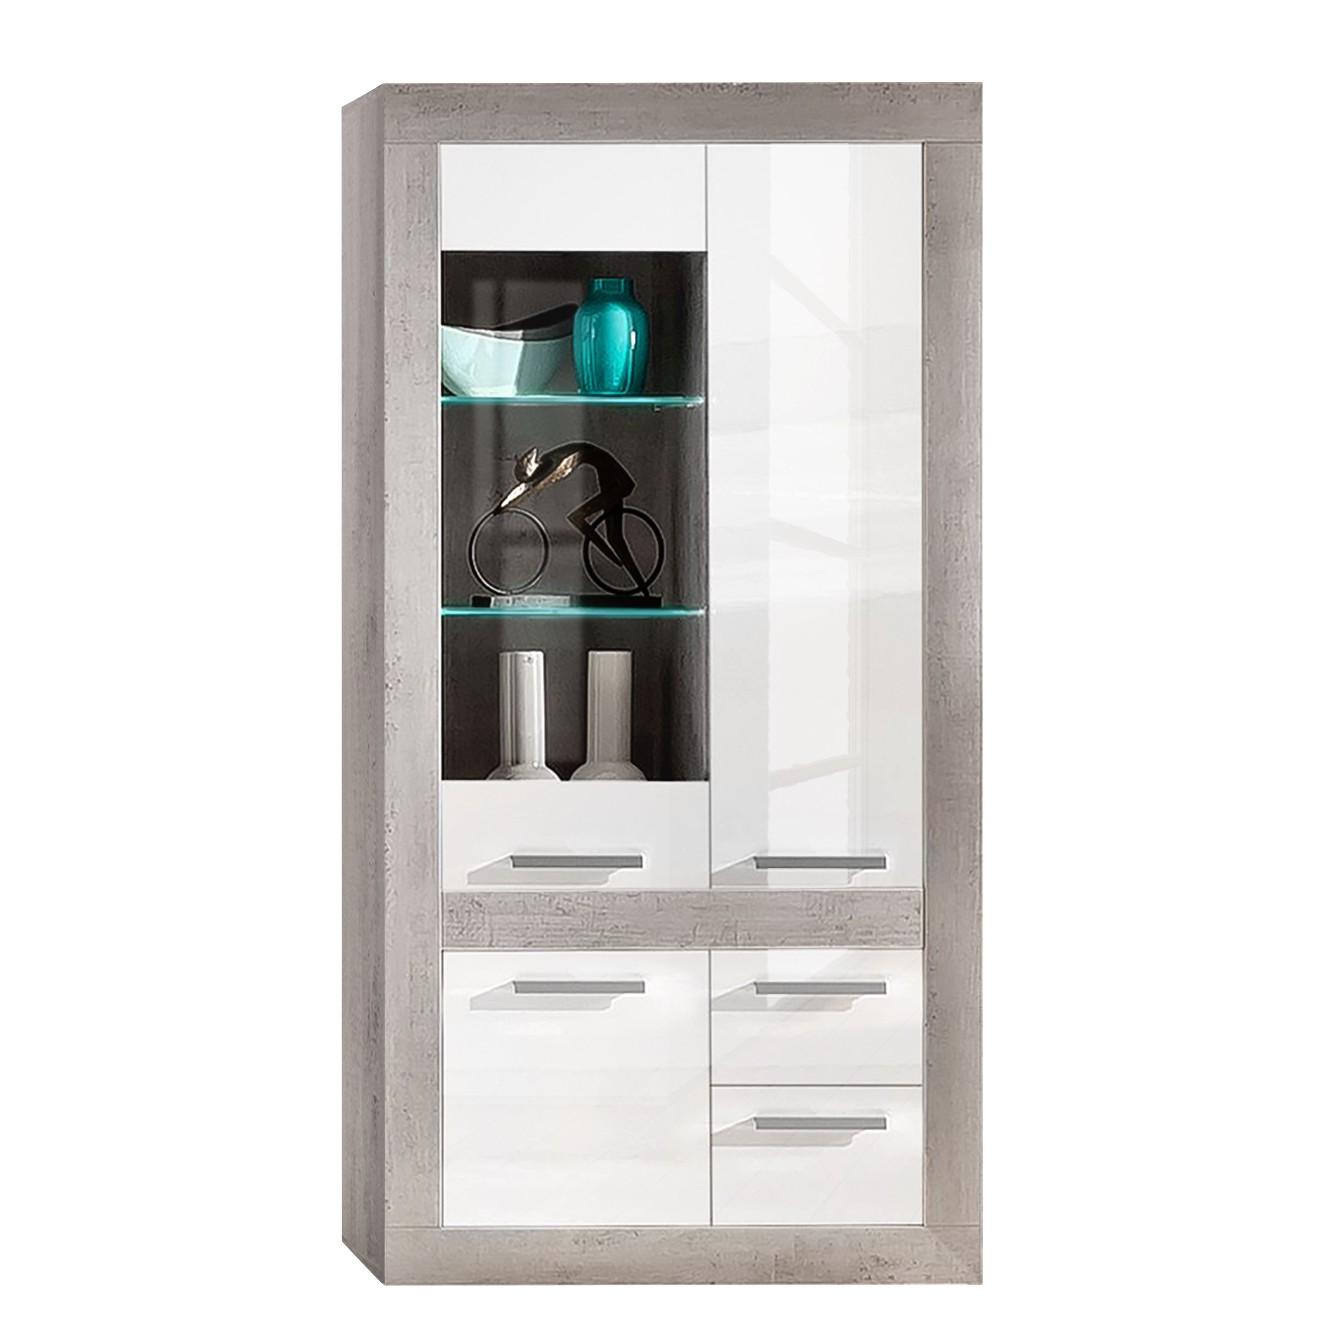 EEK A+, Armoire vitrine Grevenkop (avec éclairage) - Blanc brillant / Béton, Trendteam